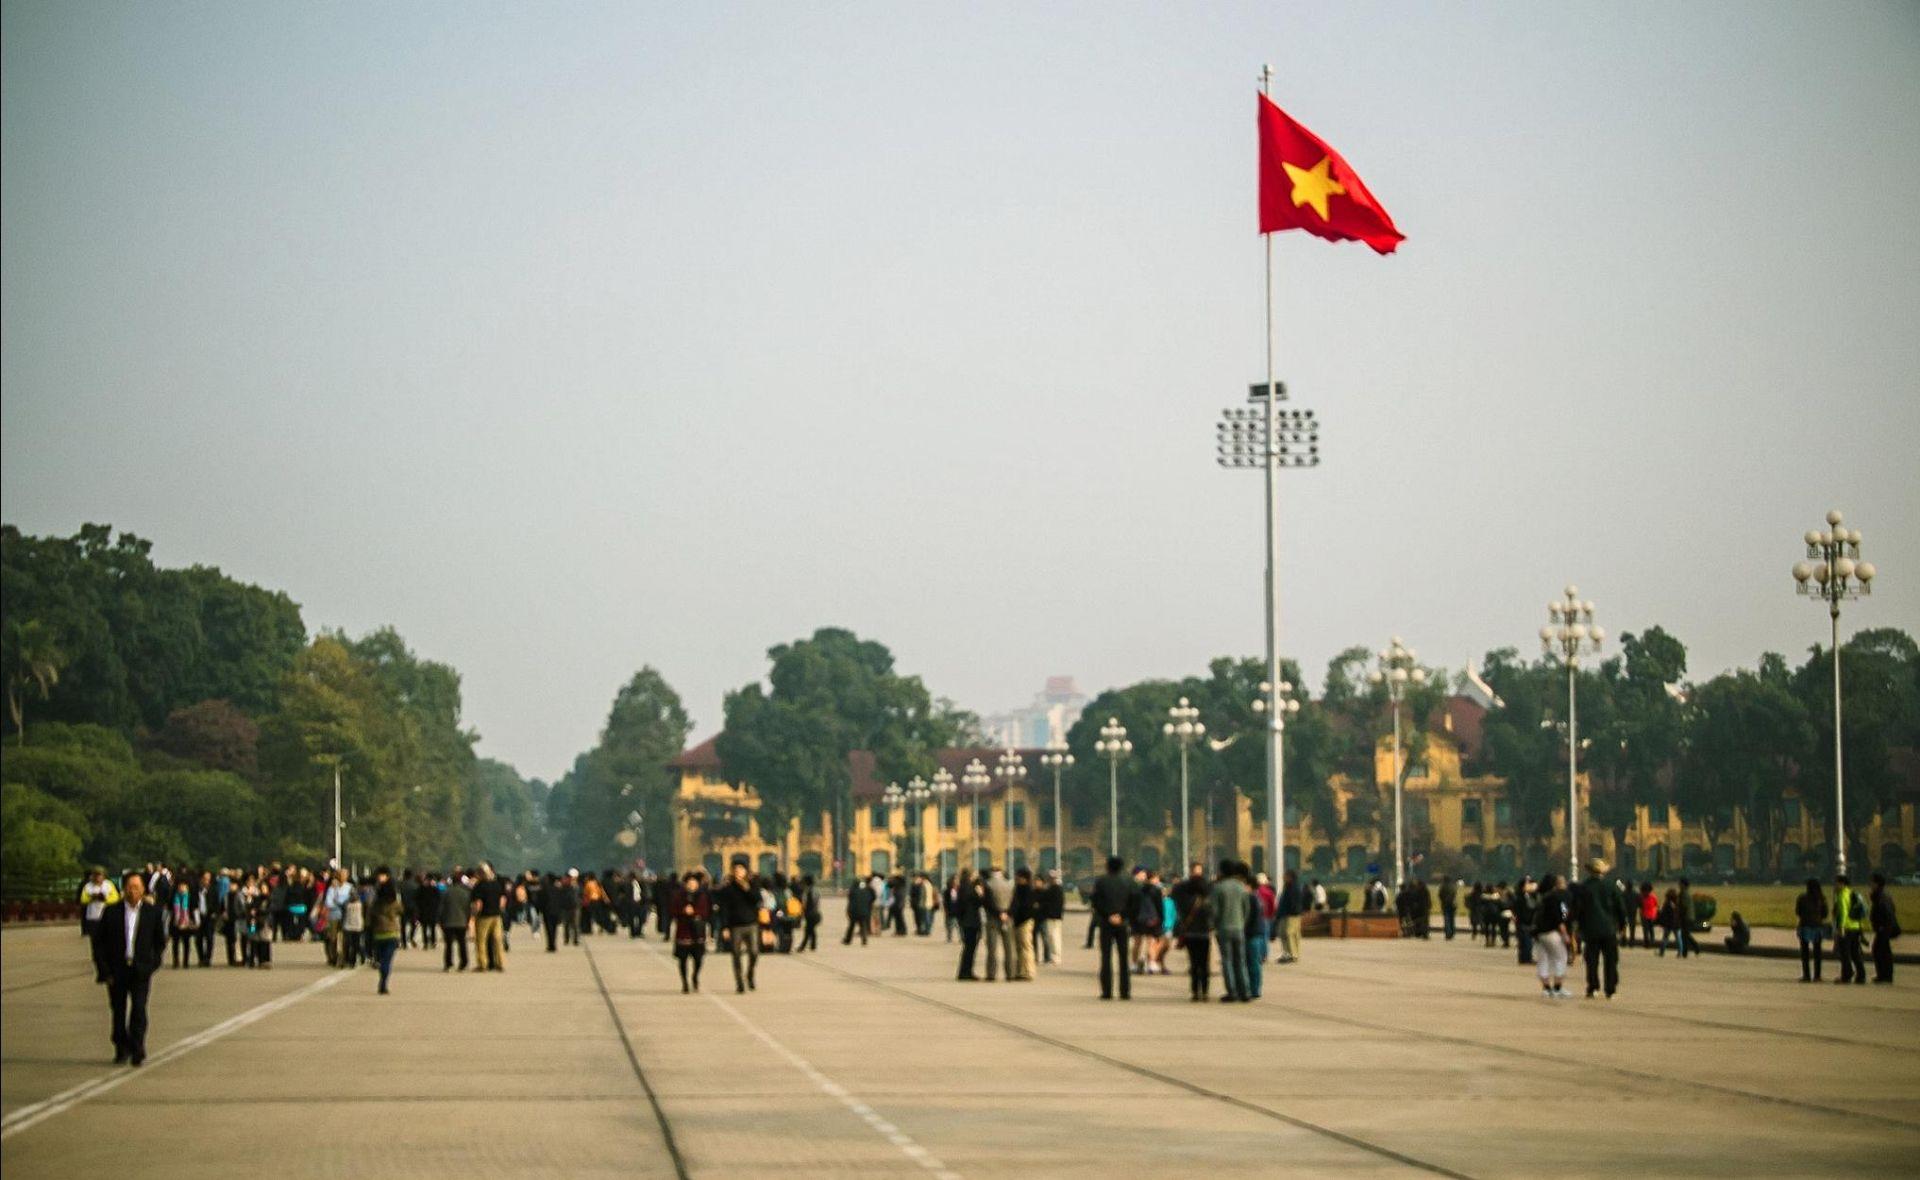 Ba Dình Square, Hanoi